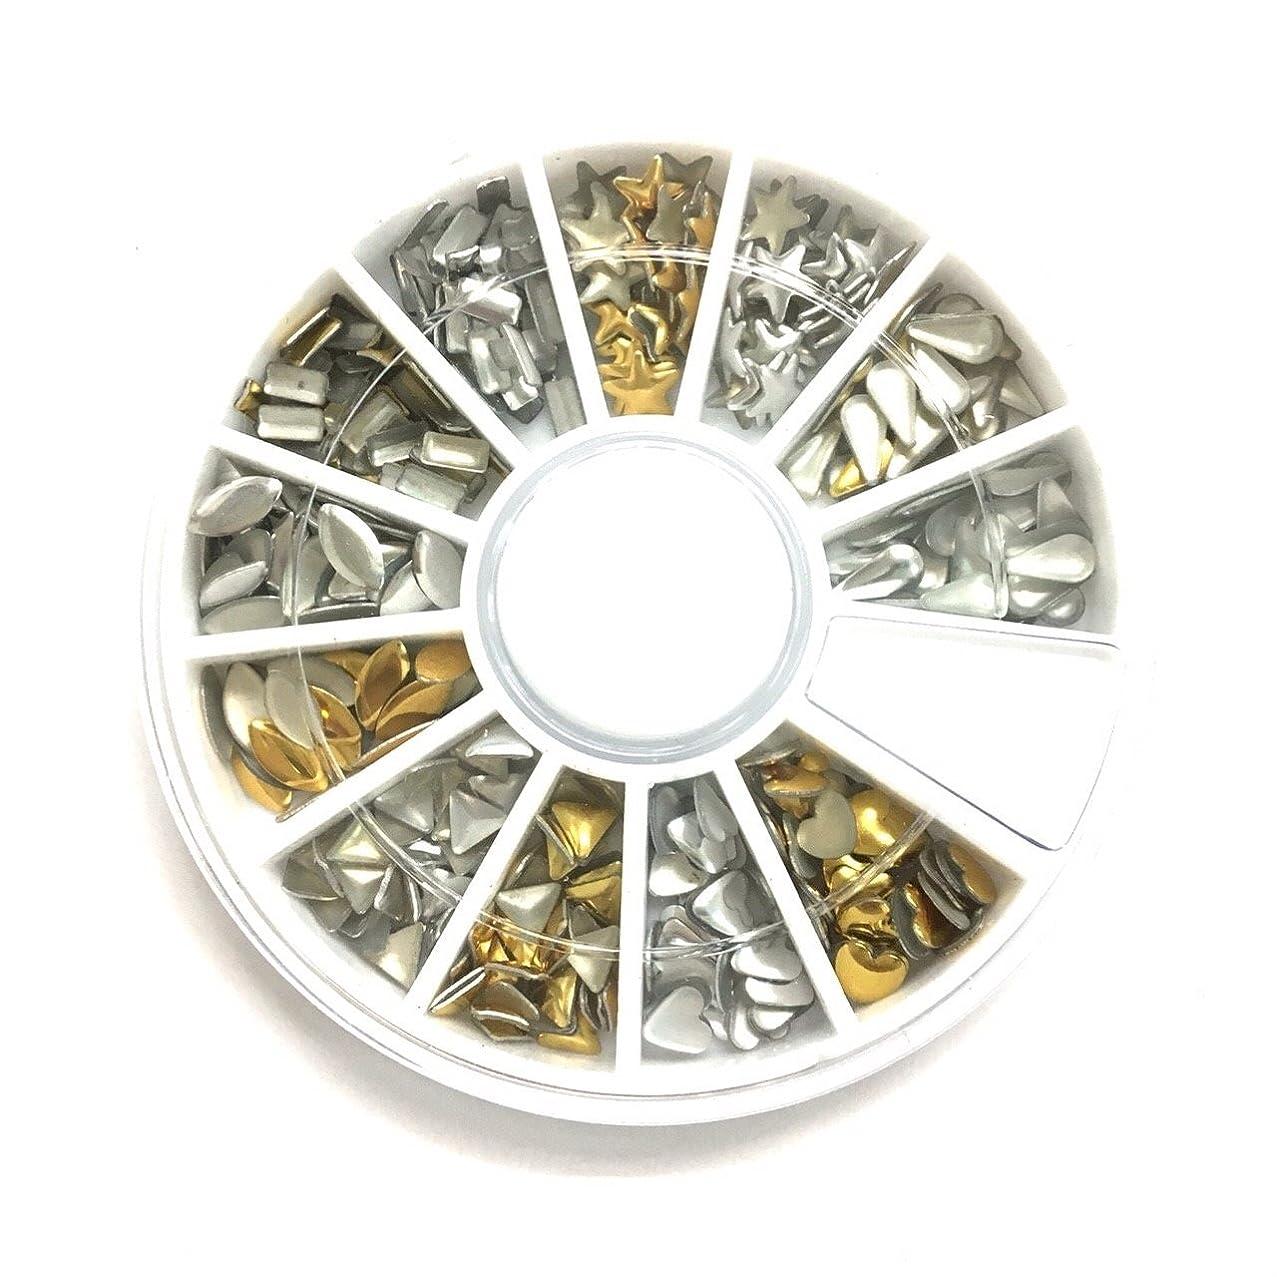 層投資する色合い【ネイルウーマン】メタルスタッズ 12種類セット ゴールド シルバー ラウンドケース入り